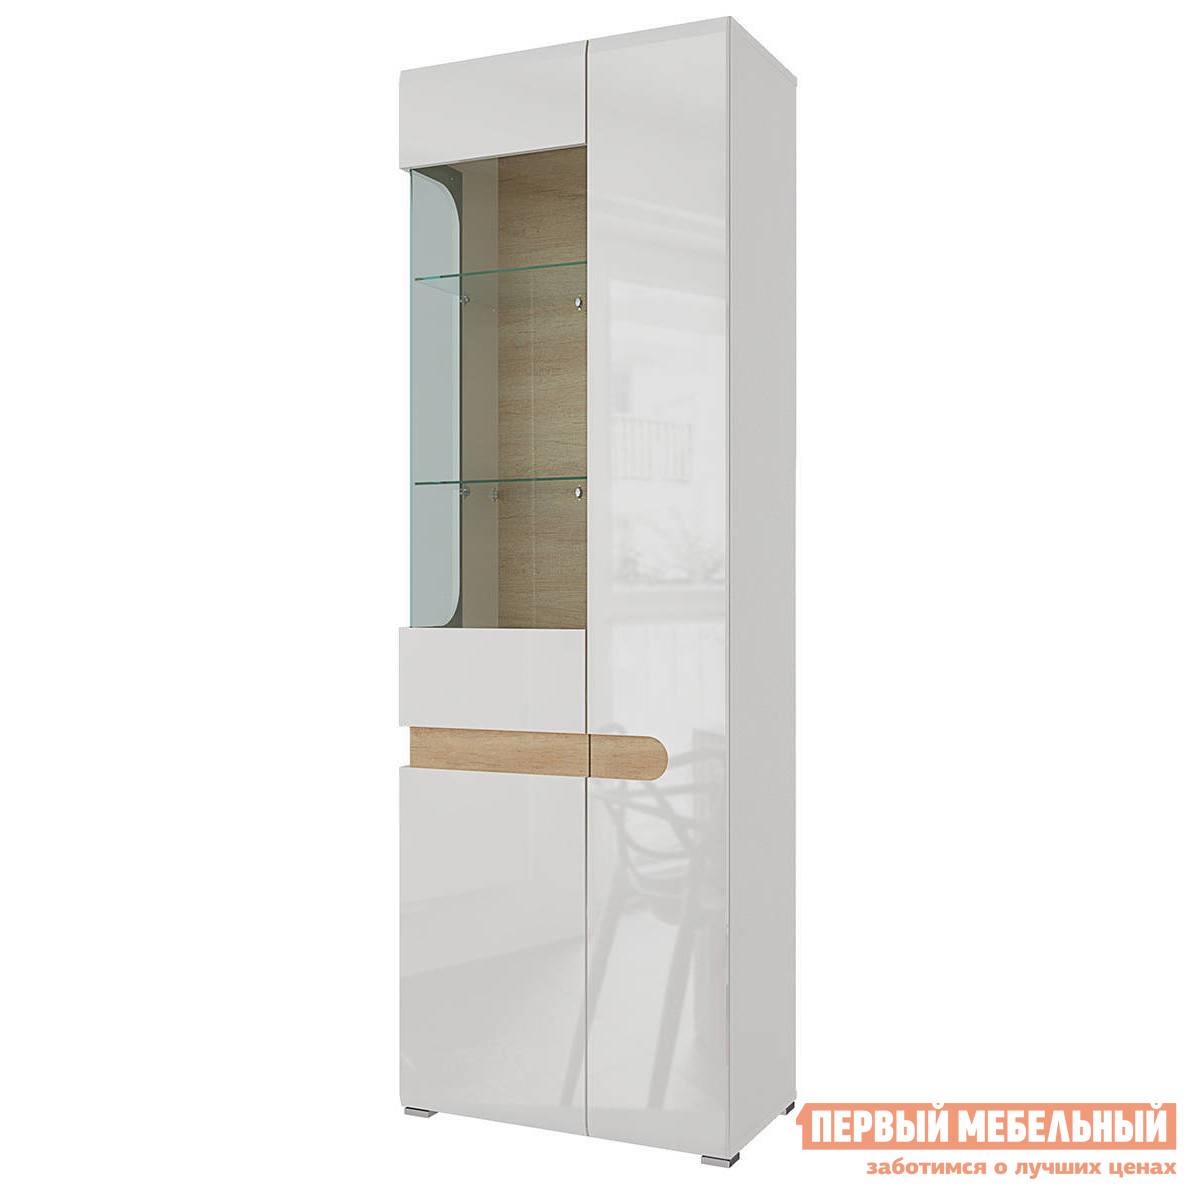 Шкаф-витрина Первый Мебельный Шкаф-витрина Кальяри